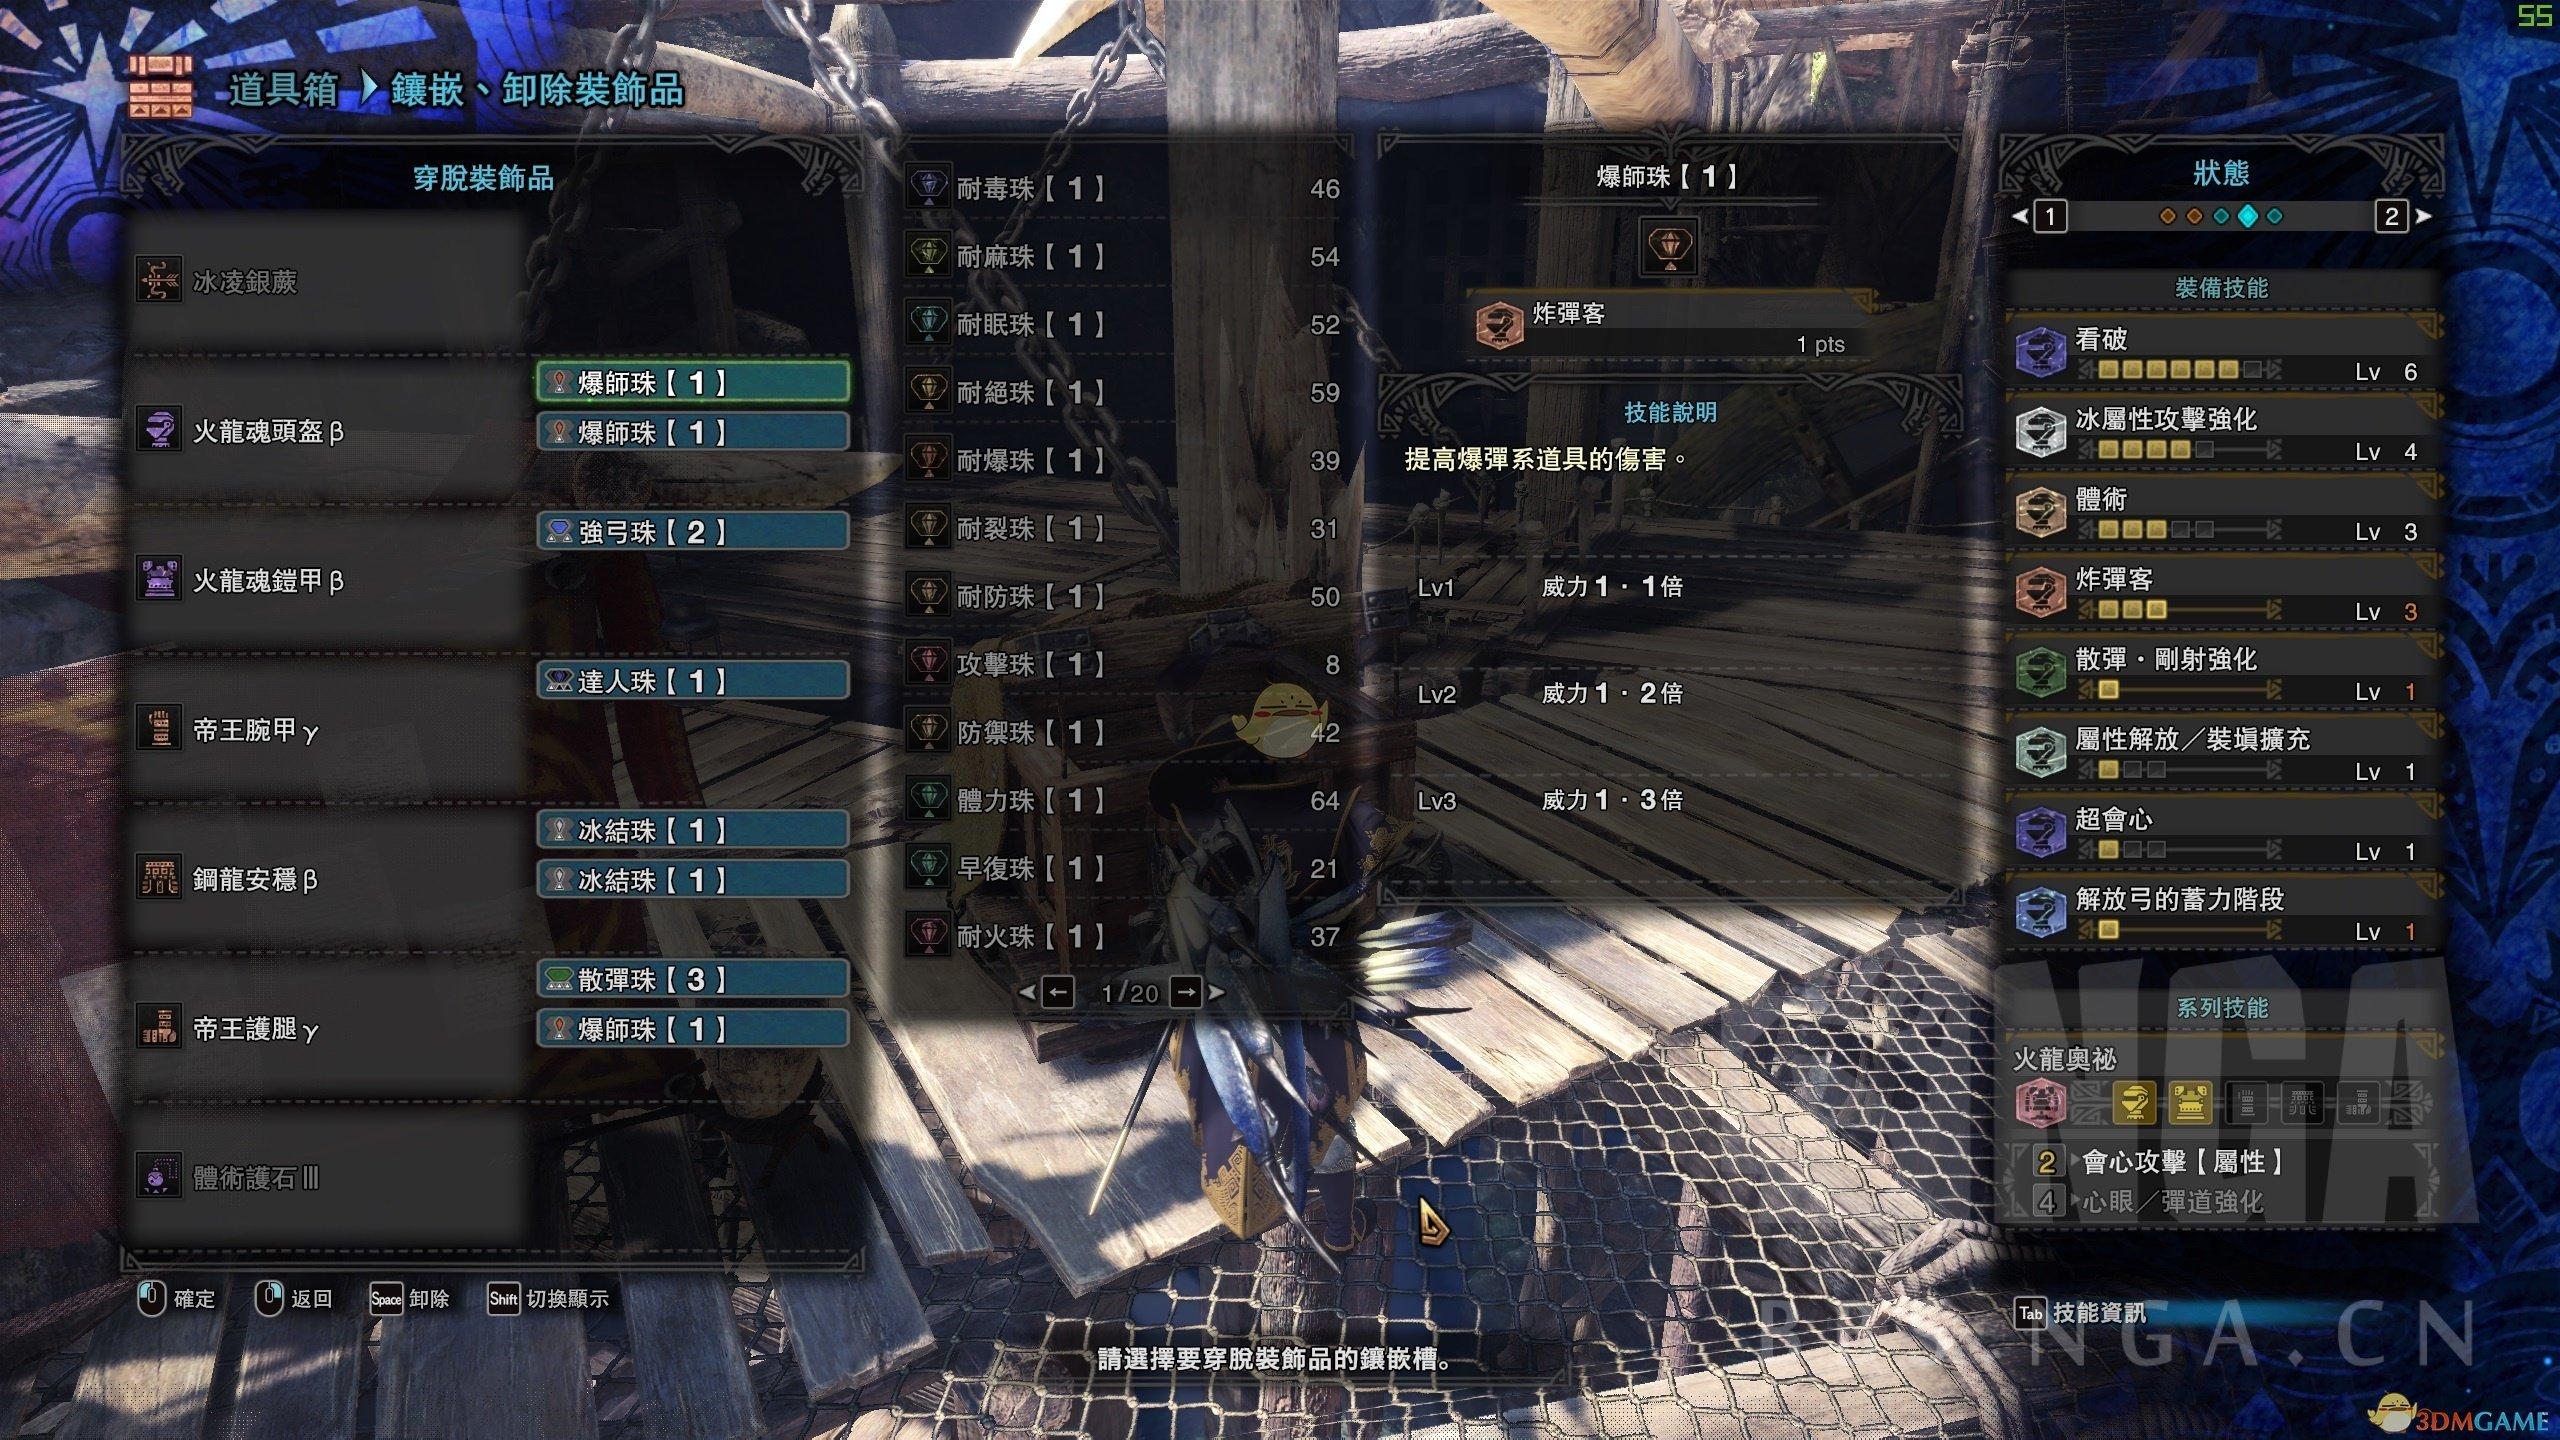 《怪物猎人:世界》绚辉龙用什么武器打 讨伐绚辉龙推荐武器一览